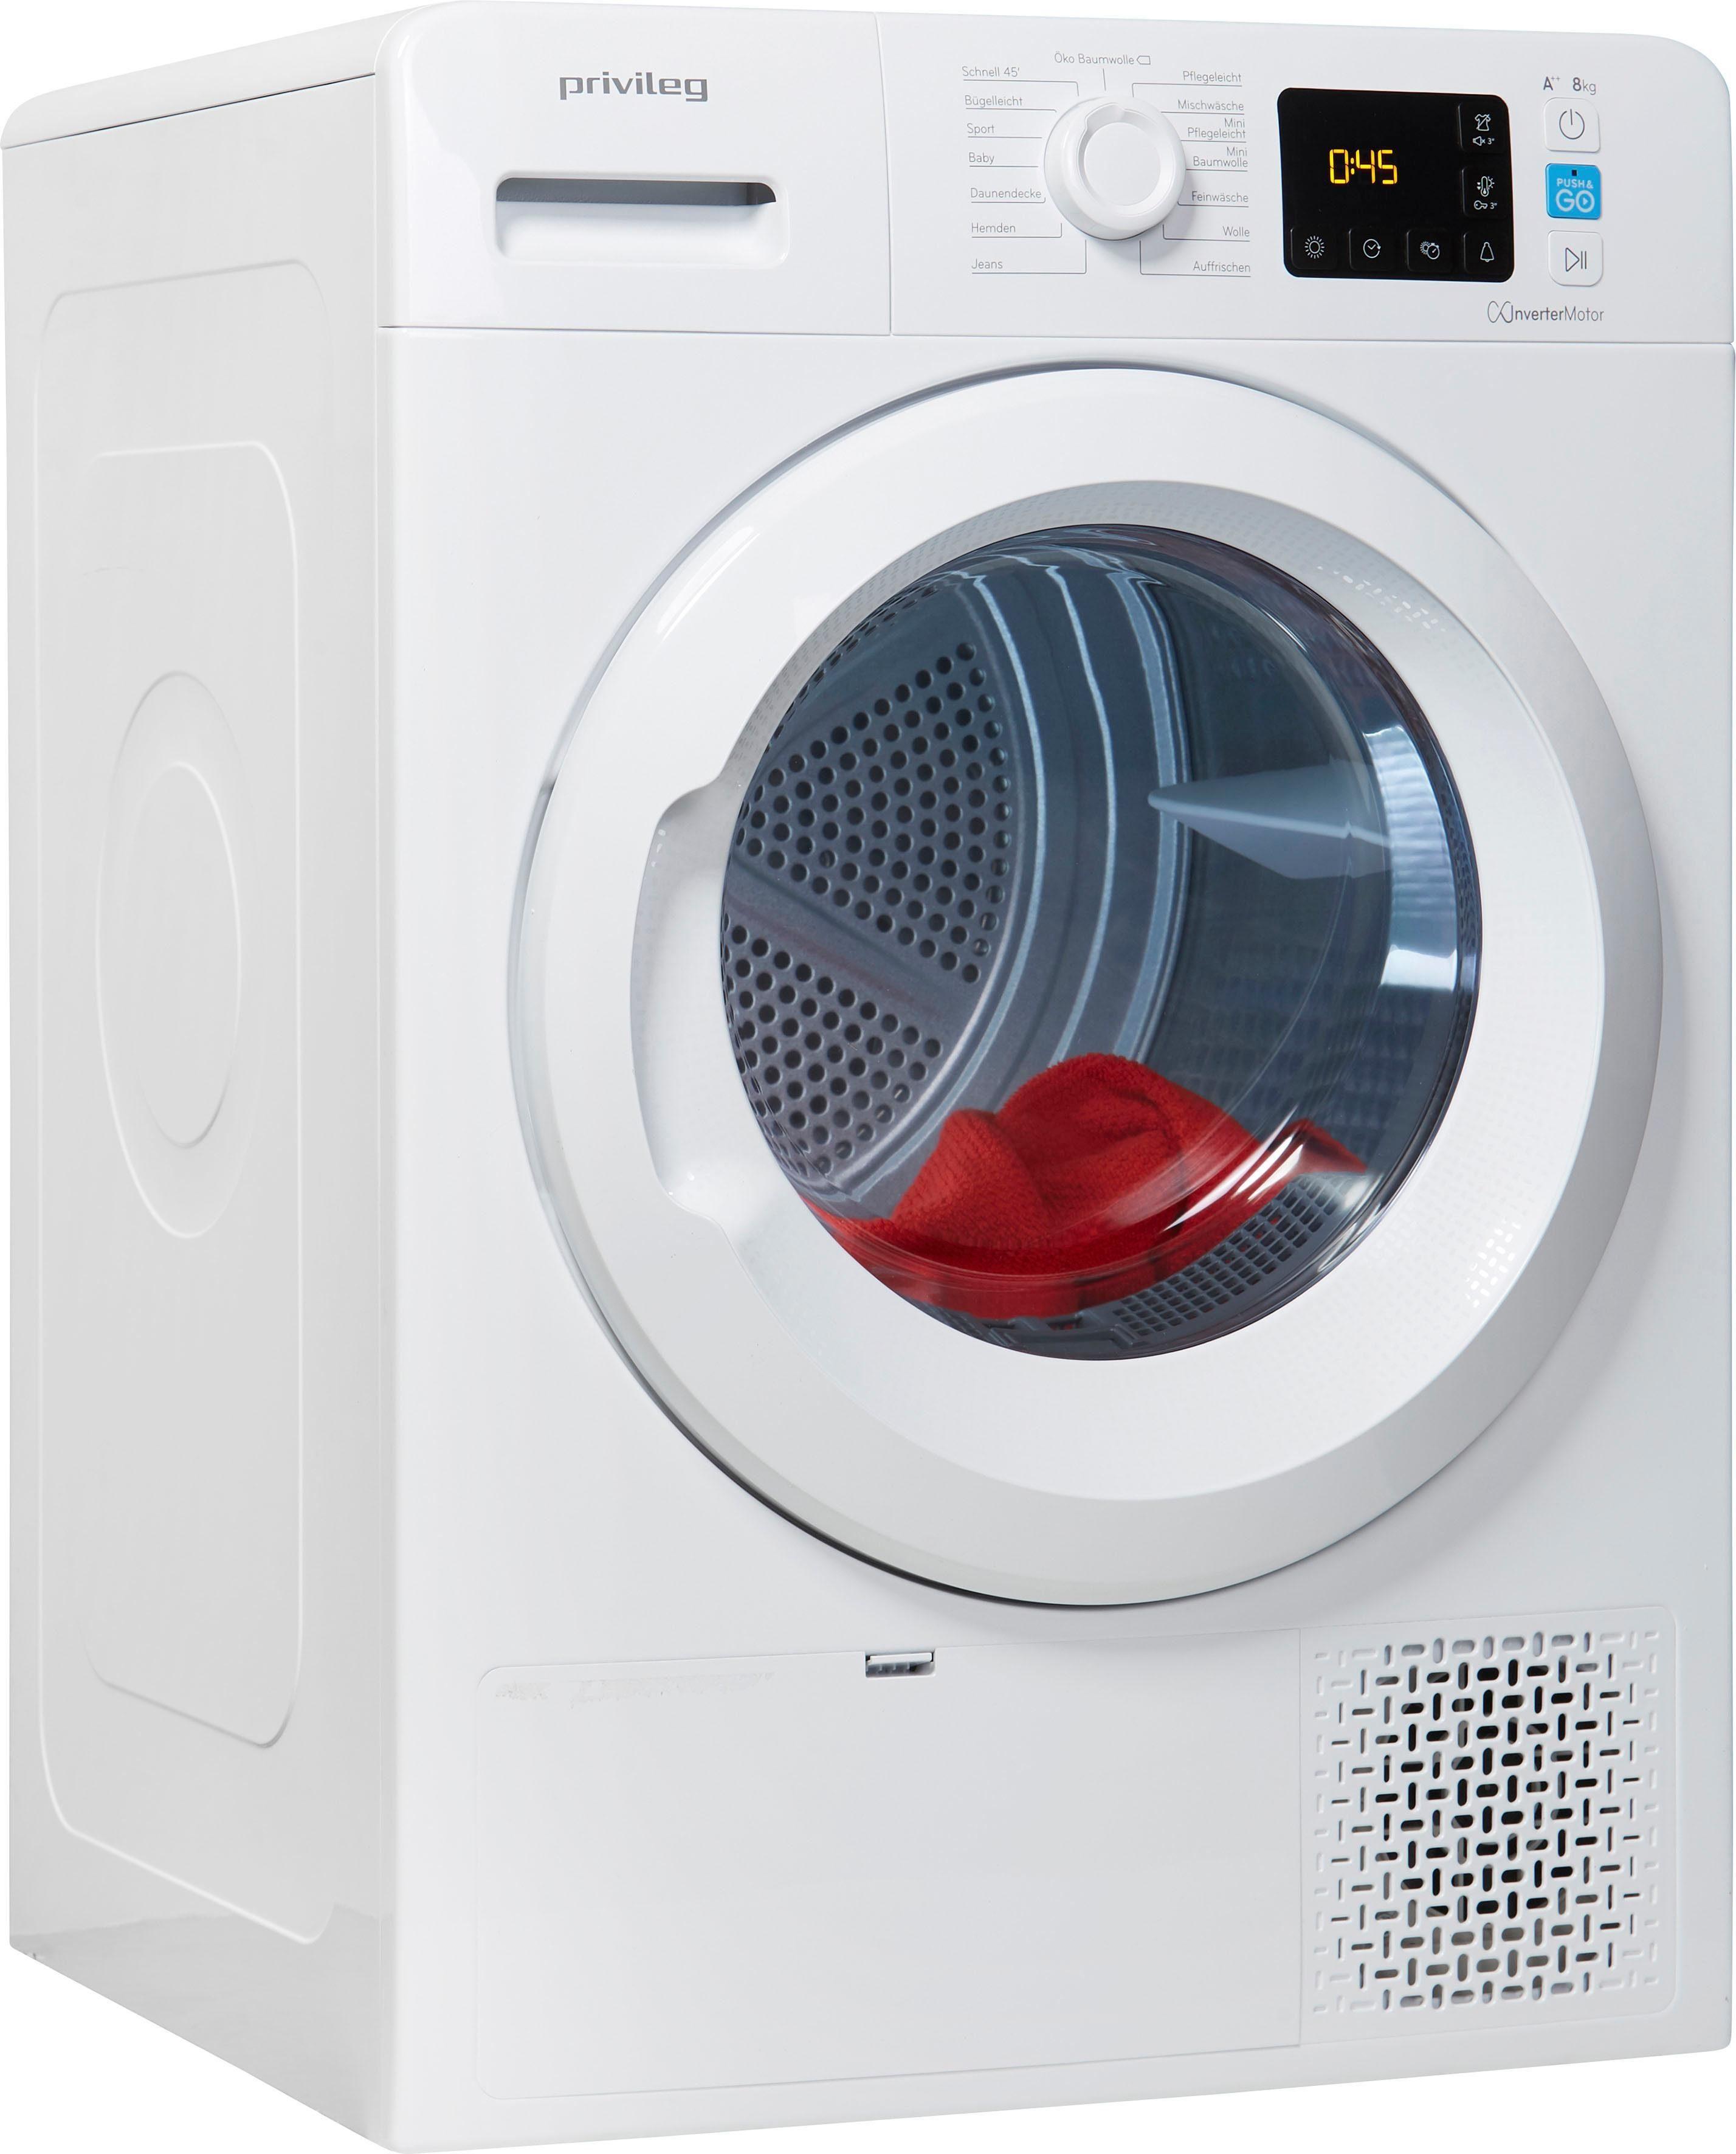 Privileg Wärmepumpentrockner PWCT M11 82 X DE 8 kg | Bad > Waschmaschinen und Trockner > Wärmepumpentrockner | Weiß | Privileg